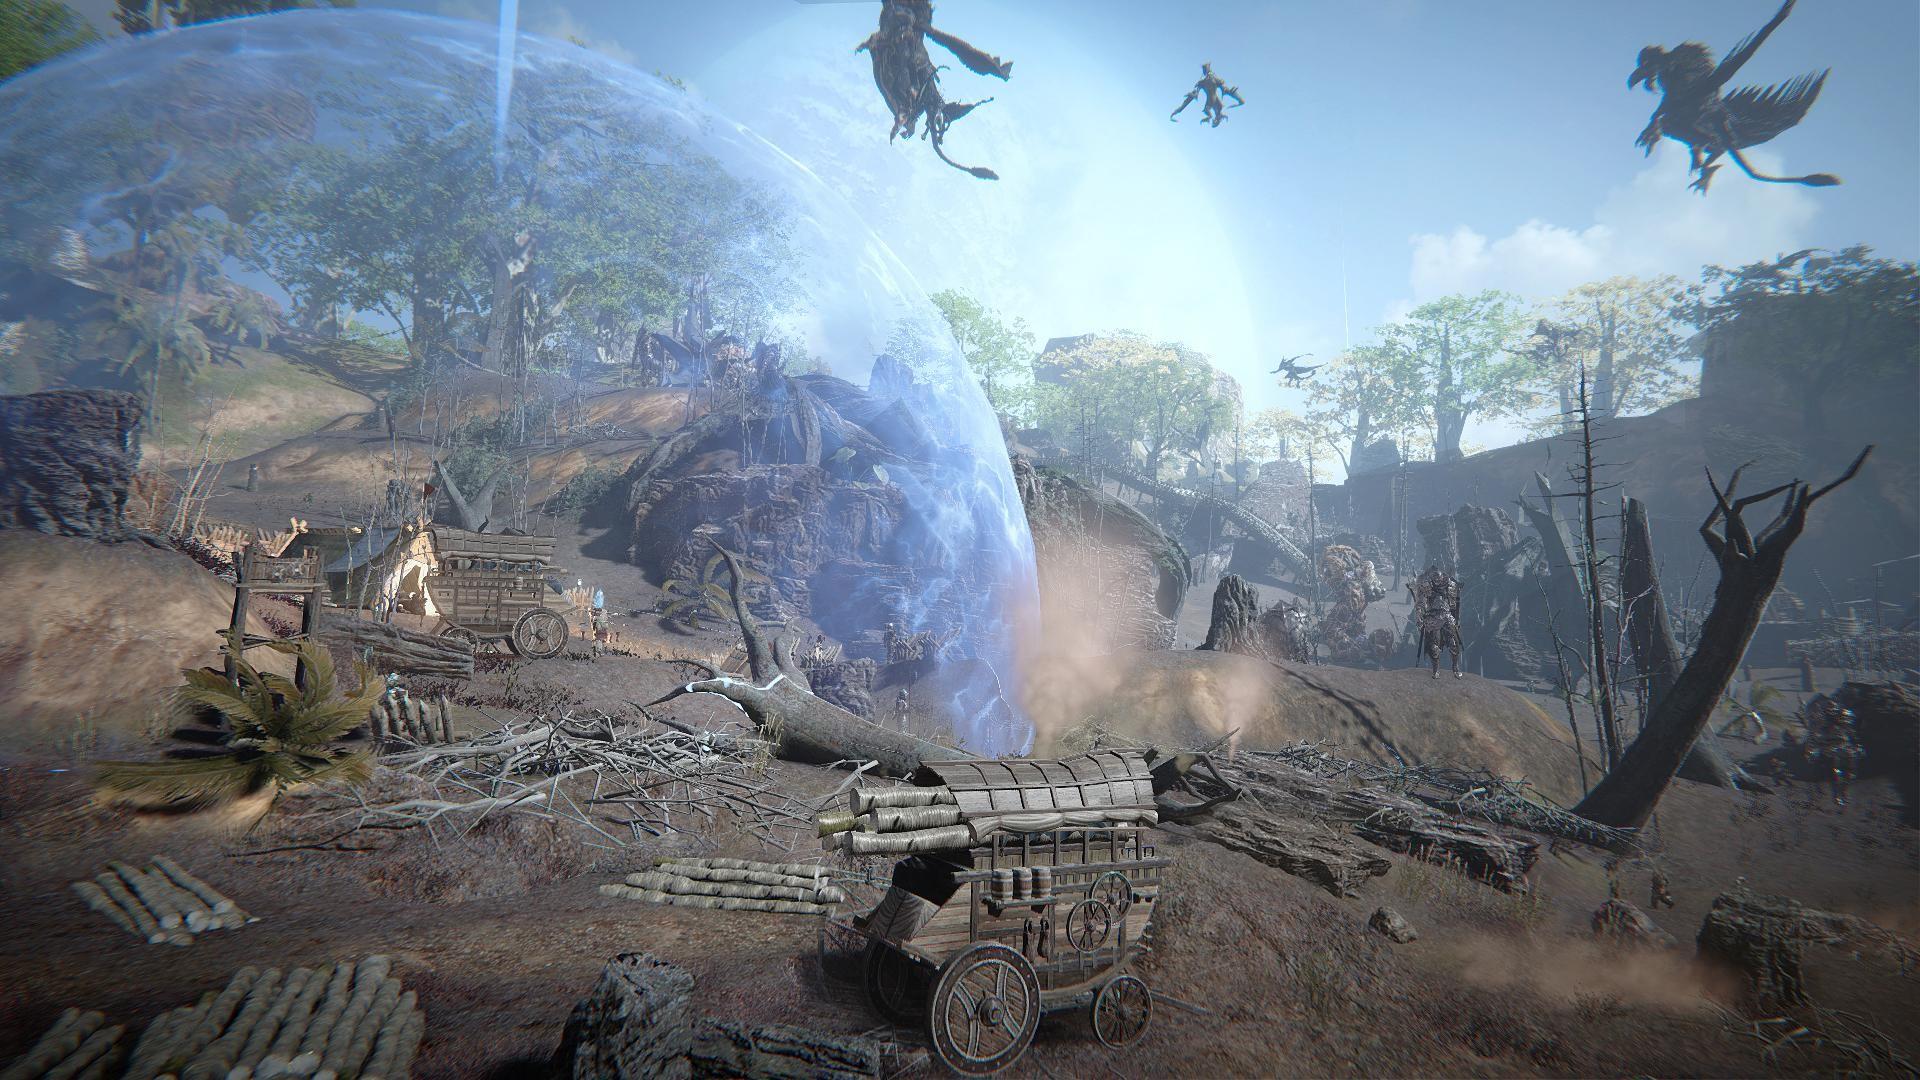 Autoři PUBG chystají novou hru, MMORPG Ascent: Infinite Realm 152528